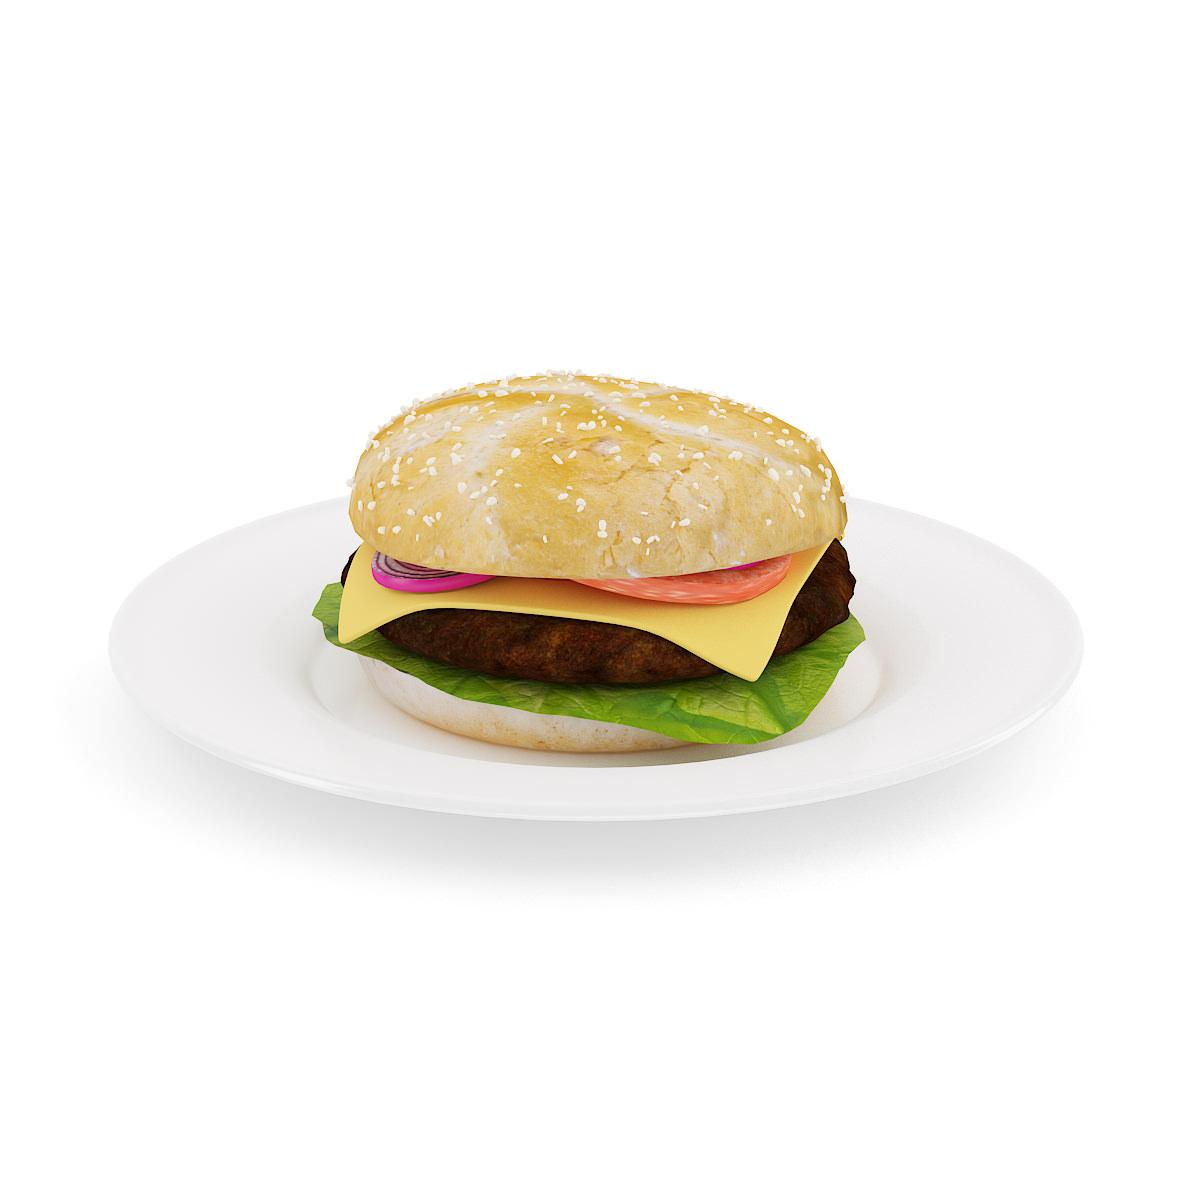 Burger on Plate 3D Model max obj fbx c4d CGTradercom : burgeronplatefbxc4dobjmaxb5d589d8 655f 436a 8c02 451900944db9 from www.cgtrader.com size 1200 x 1200 jpeg 79kB